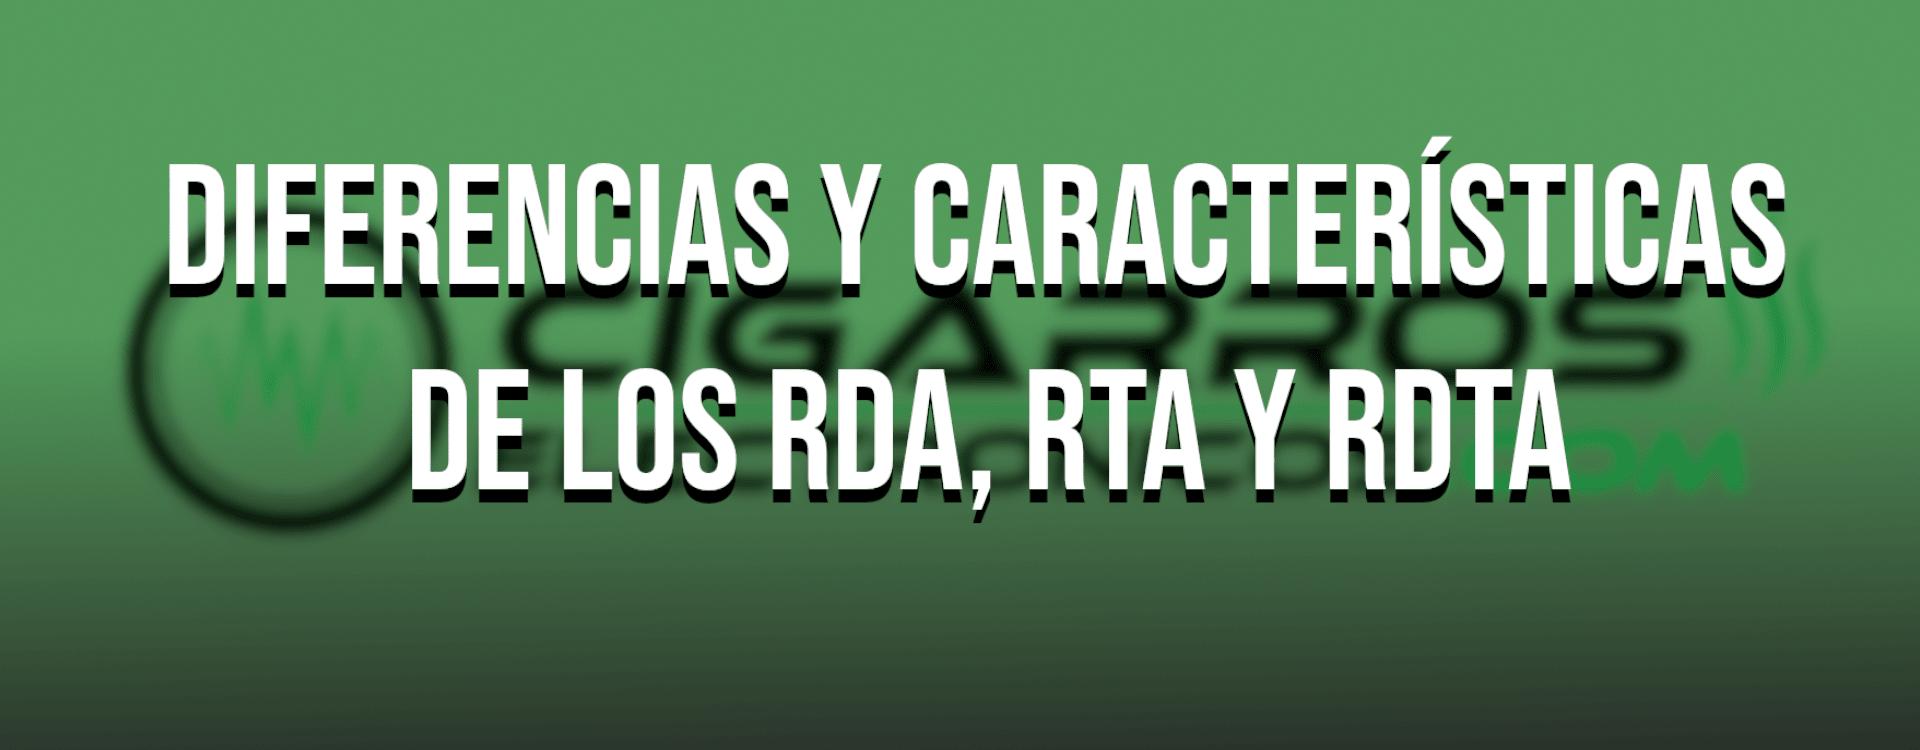 Diferencias entre RDA, RTA y RDTA